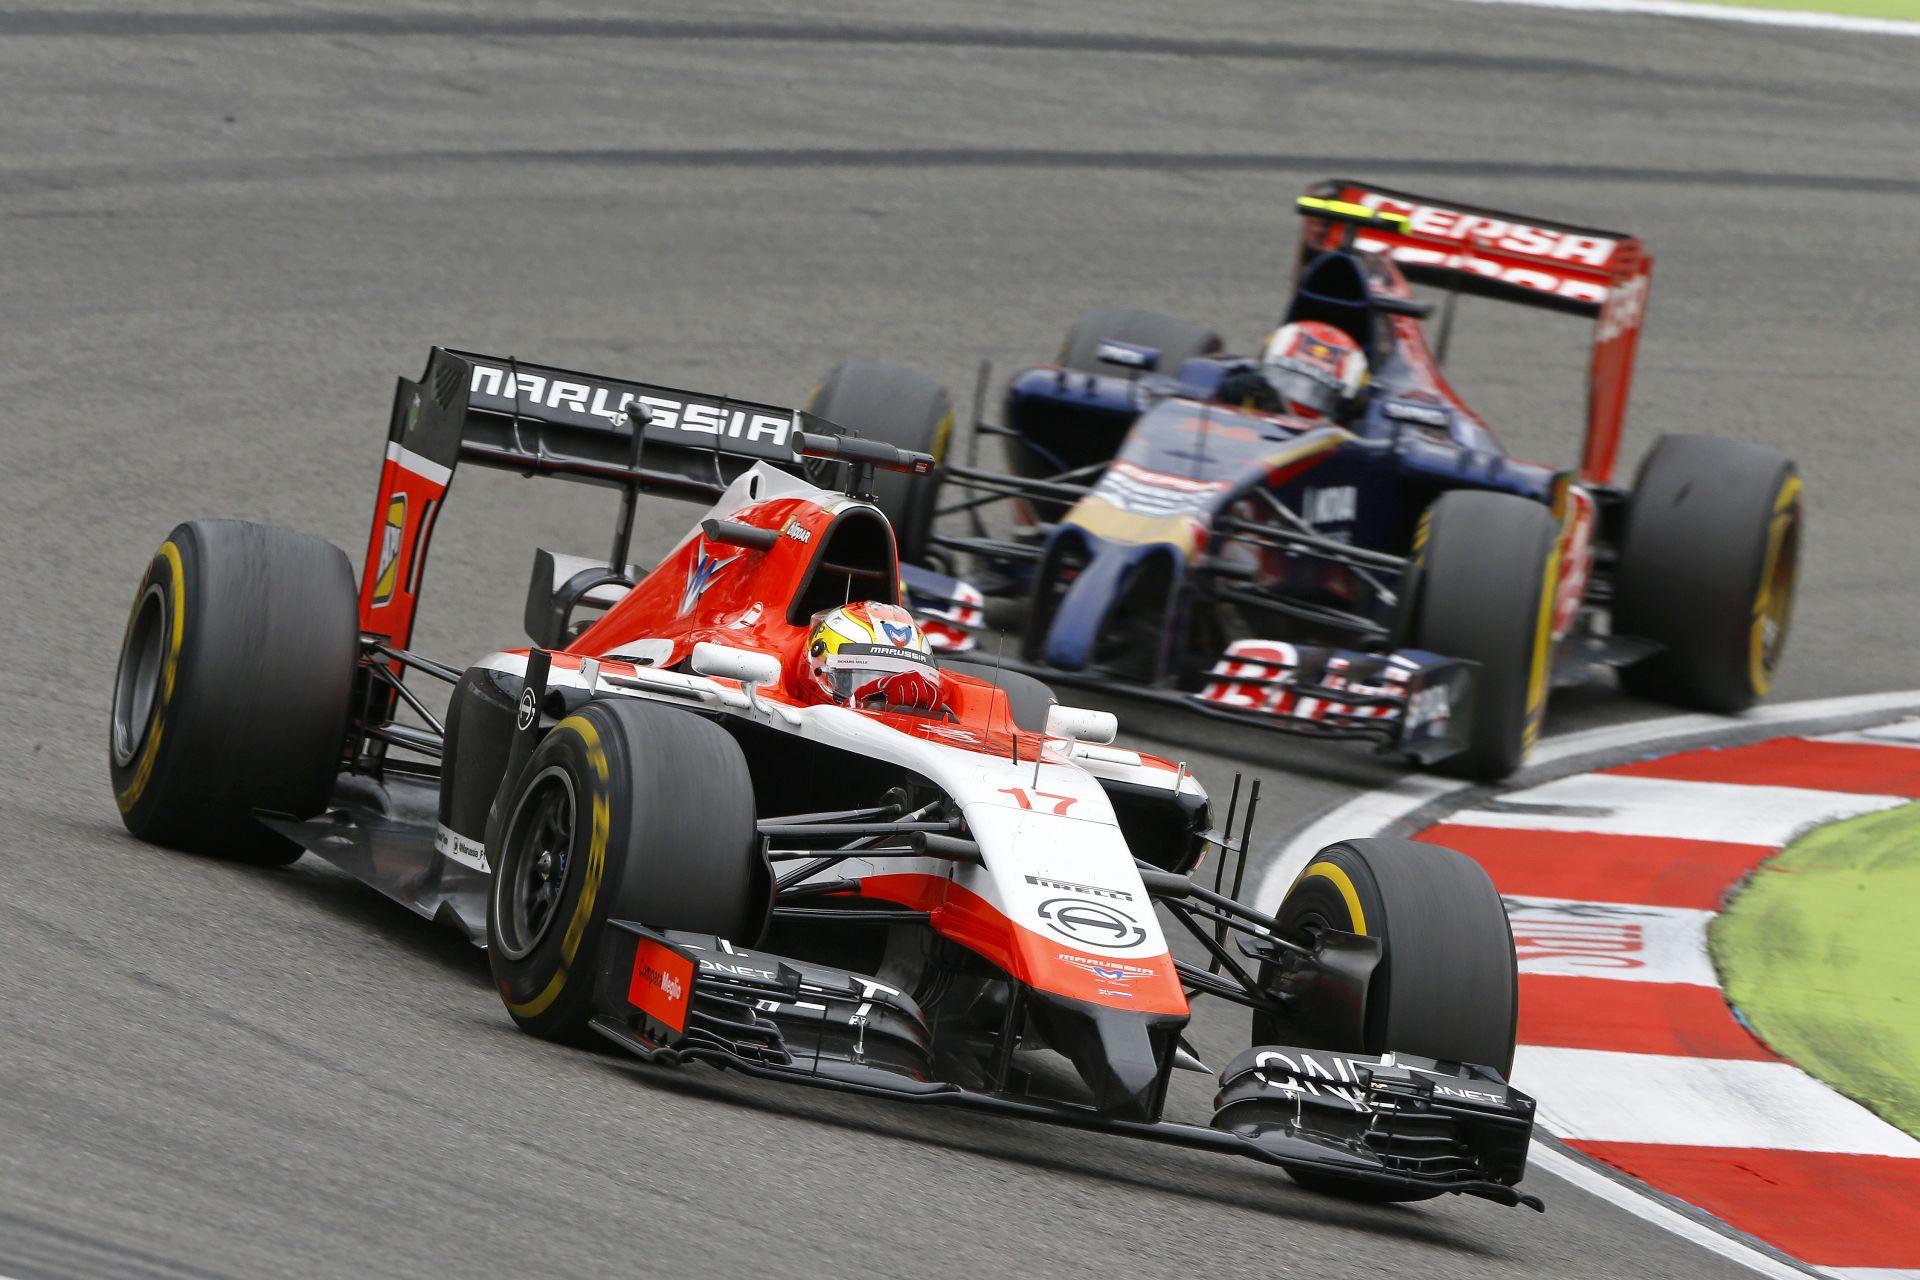 Bianchi örül, hogy az egyik Ferrari előtt van: az olaszok nem tudták, hogy mire képes